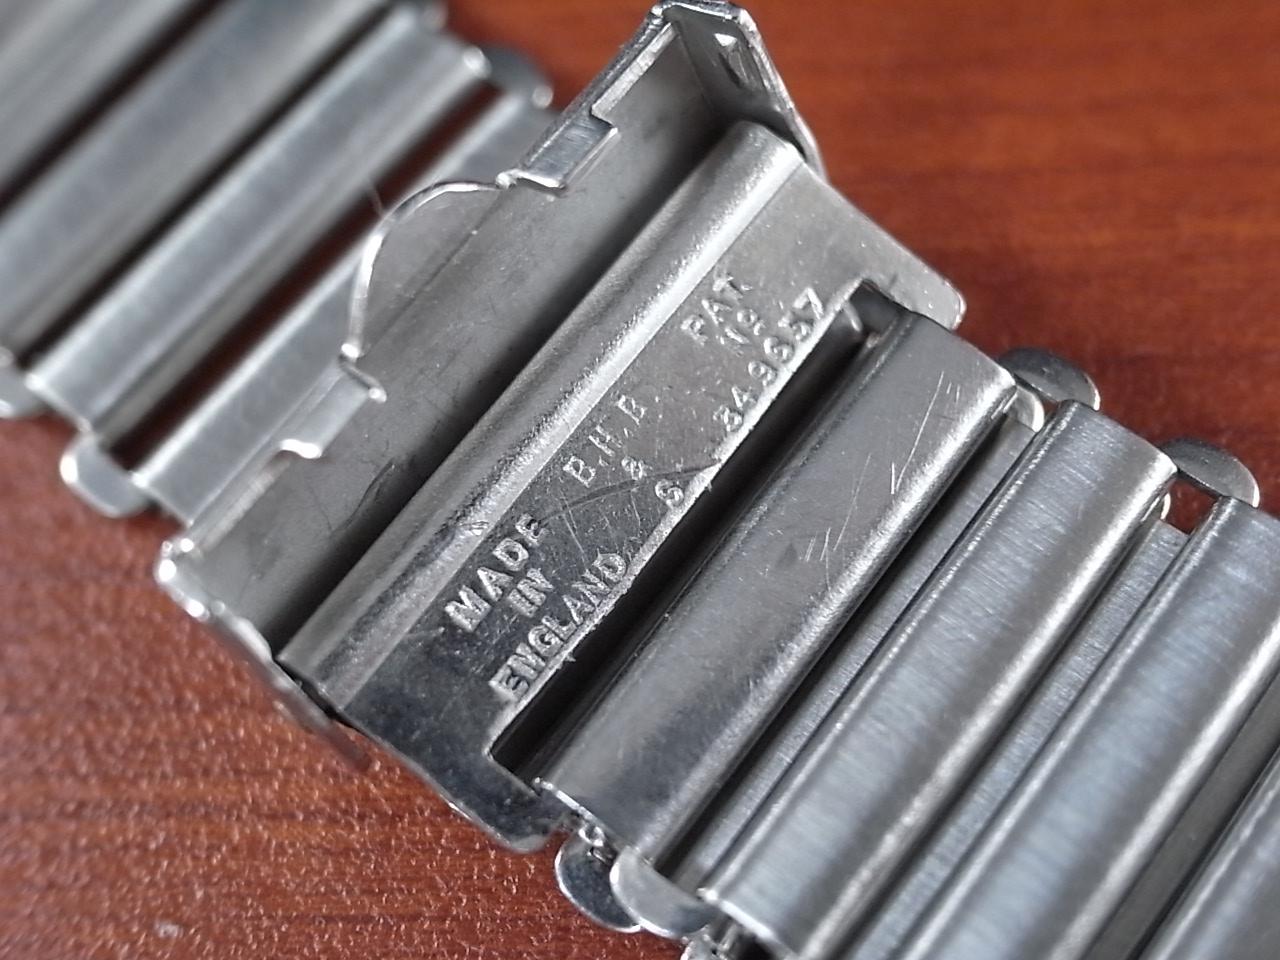 ボンクリップ バンブーブレス SS 筆記体体ロゴ 16㎜タイプ 16㎜ BONKLIPの写真3枚目